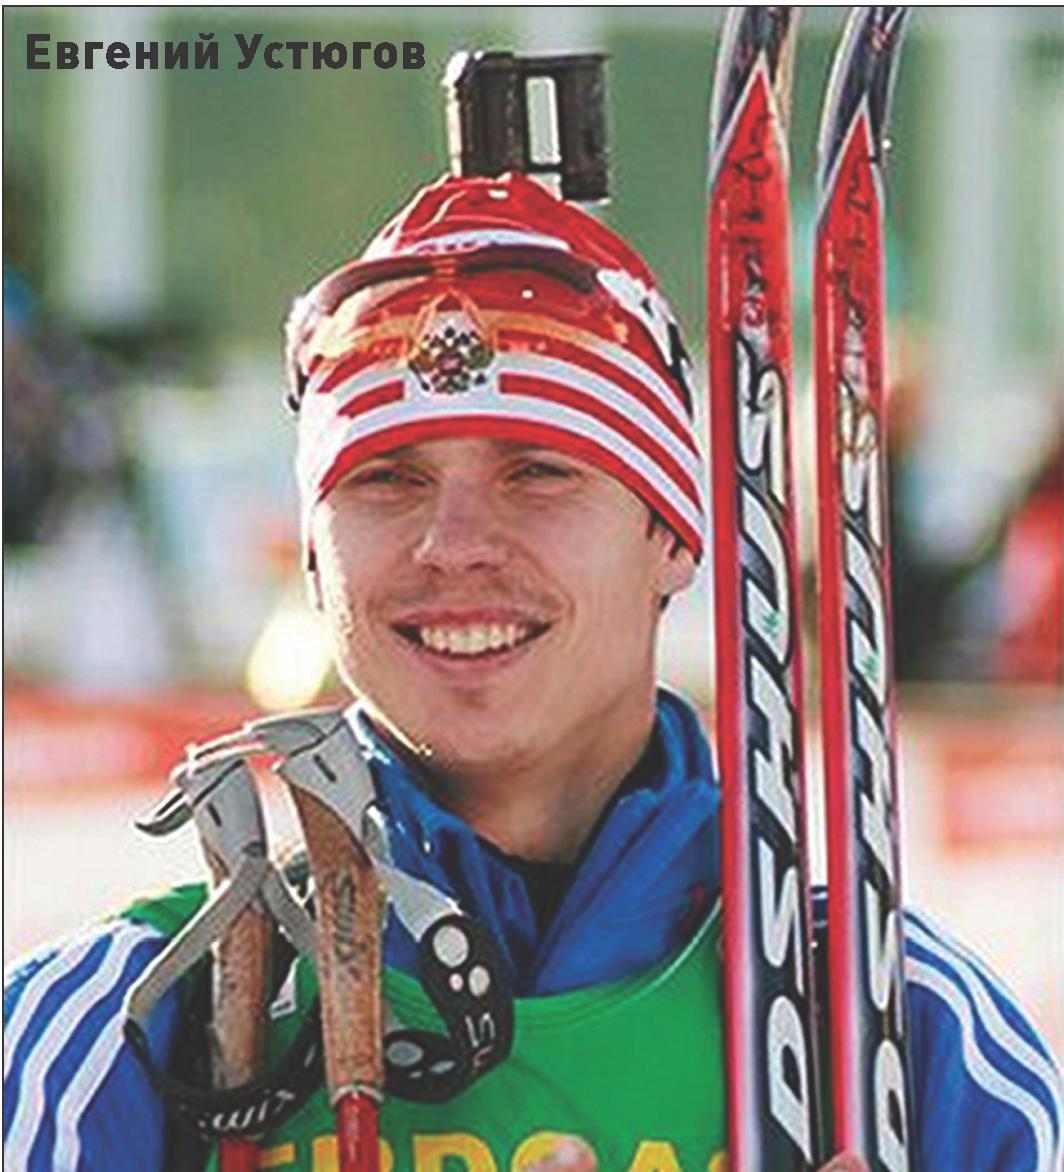 Фото россия спортсменки биотлонисток 12 фотография